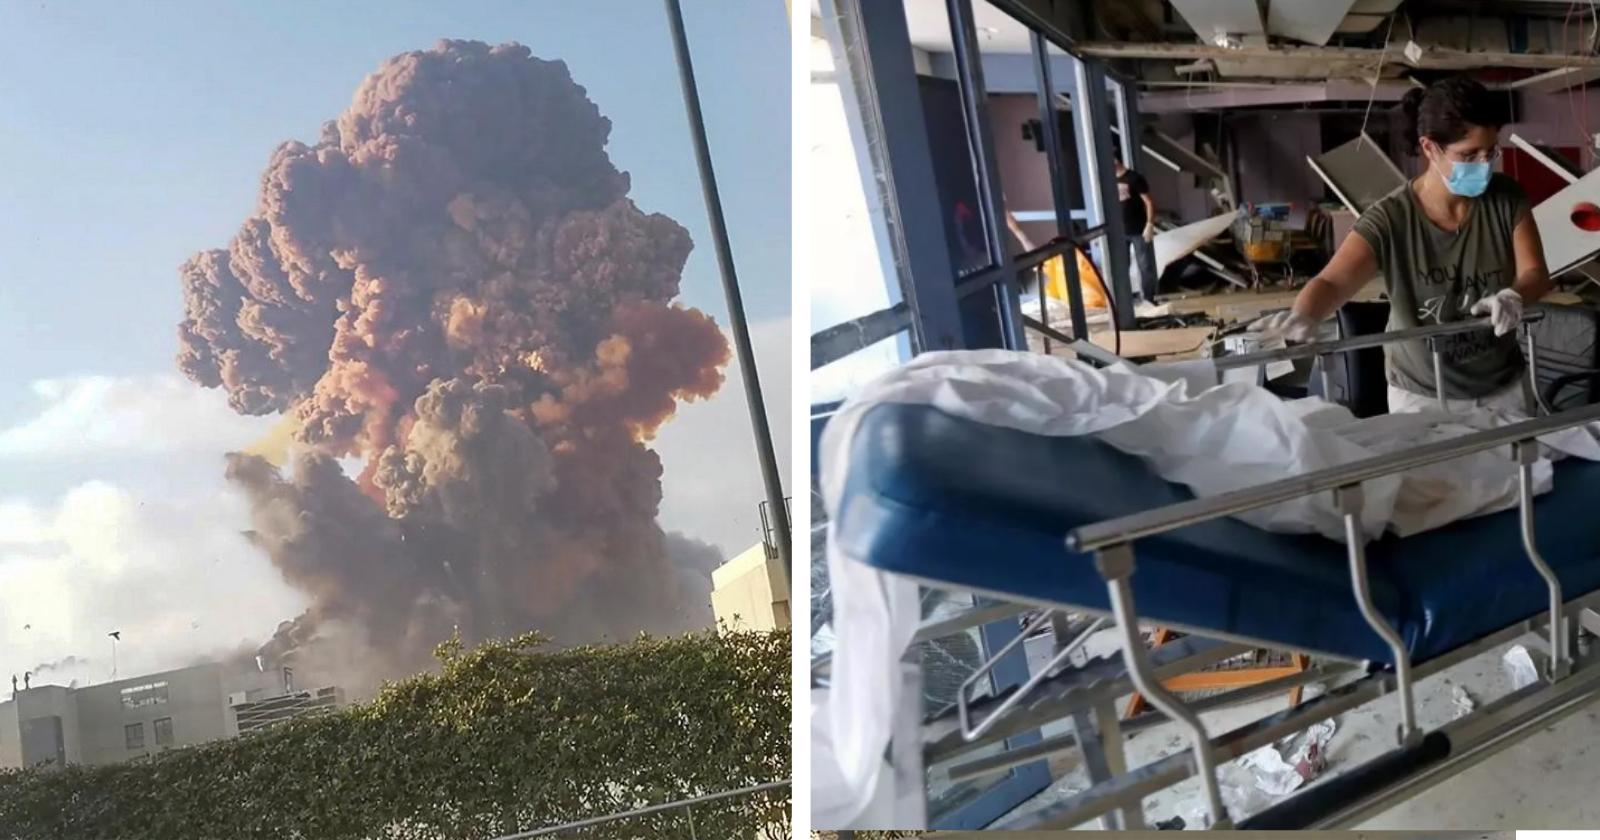 Enfermeira faz ato heroico e salva 3 recém nascidos em hospital, após tragédia em Beirute